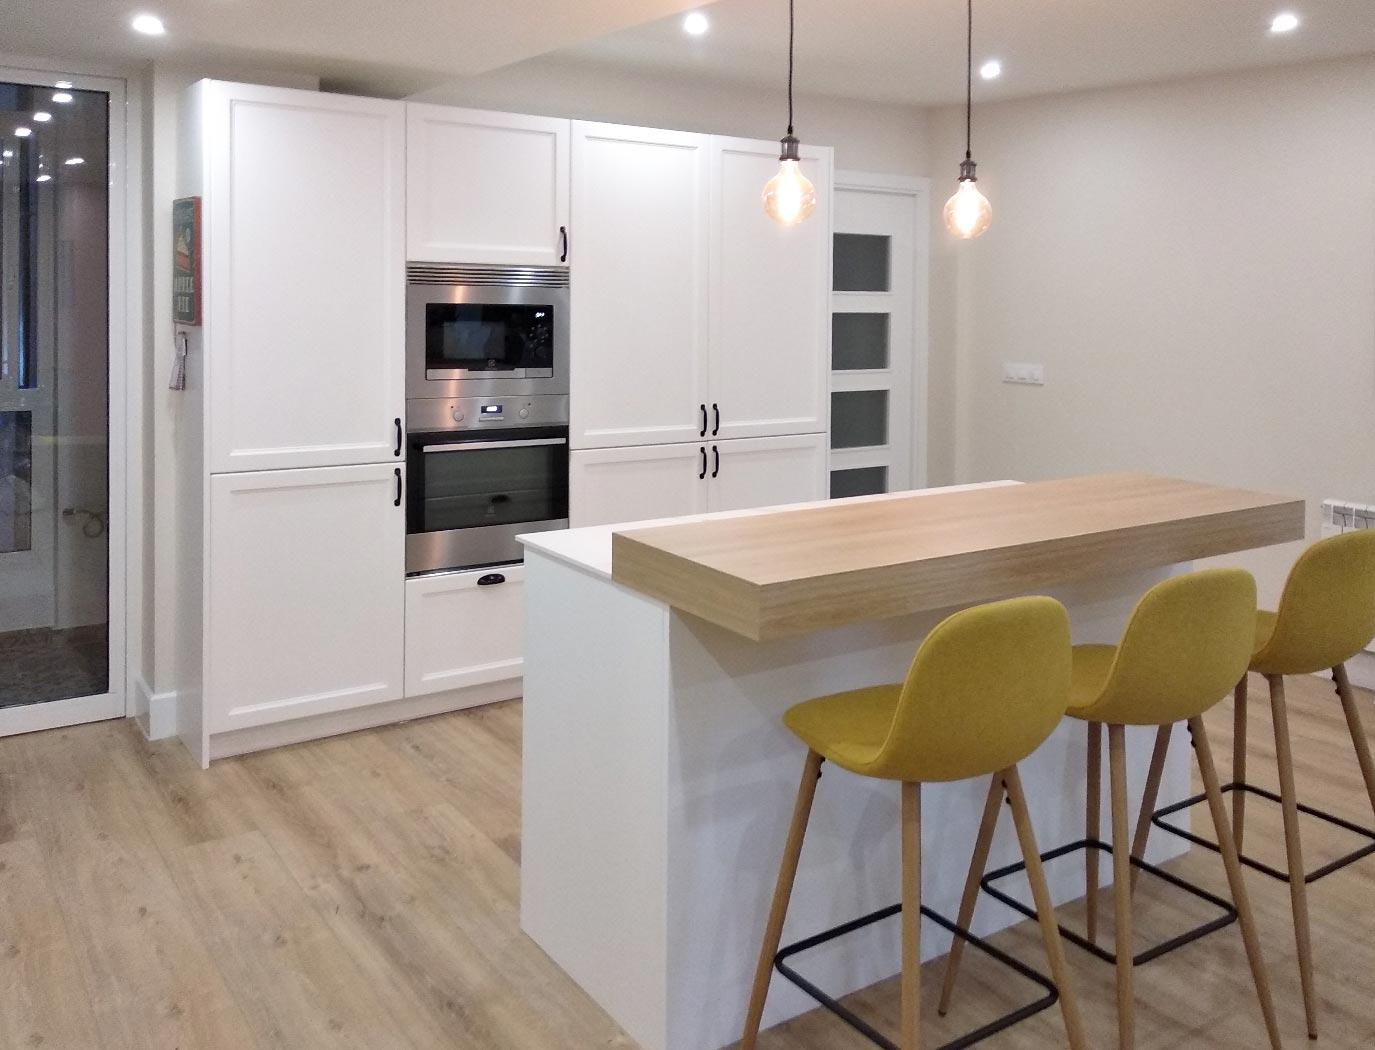 Cocina en isla con frente de muebles columna con frigorífico y congelador integrados.